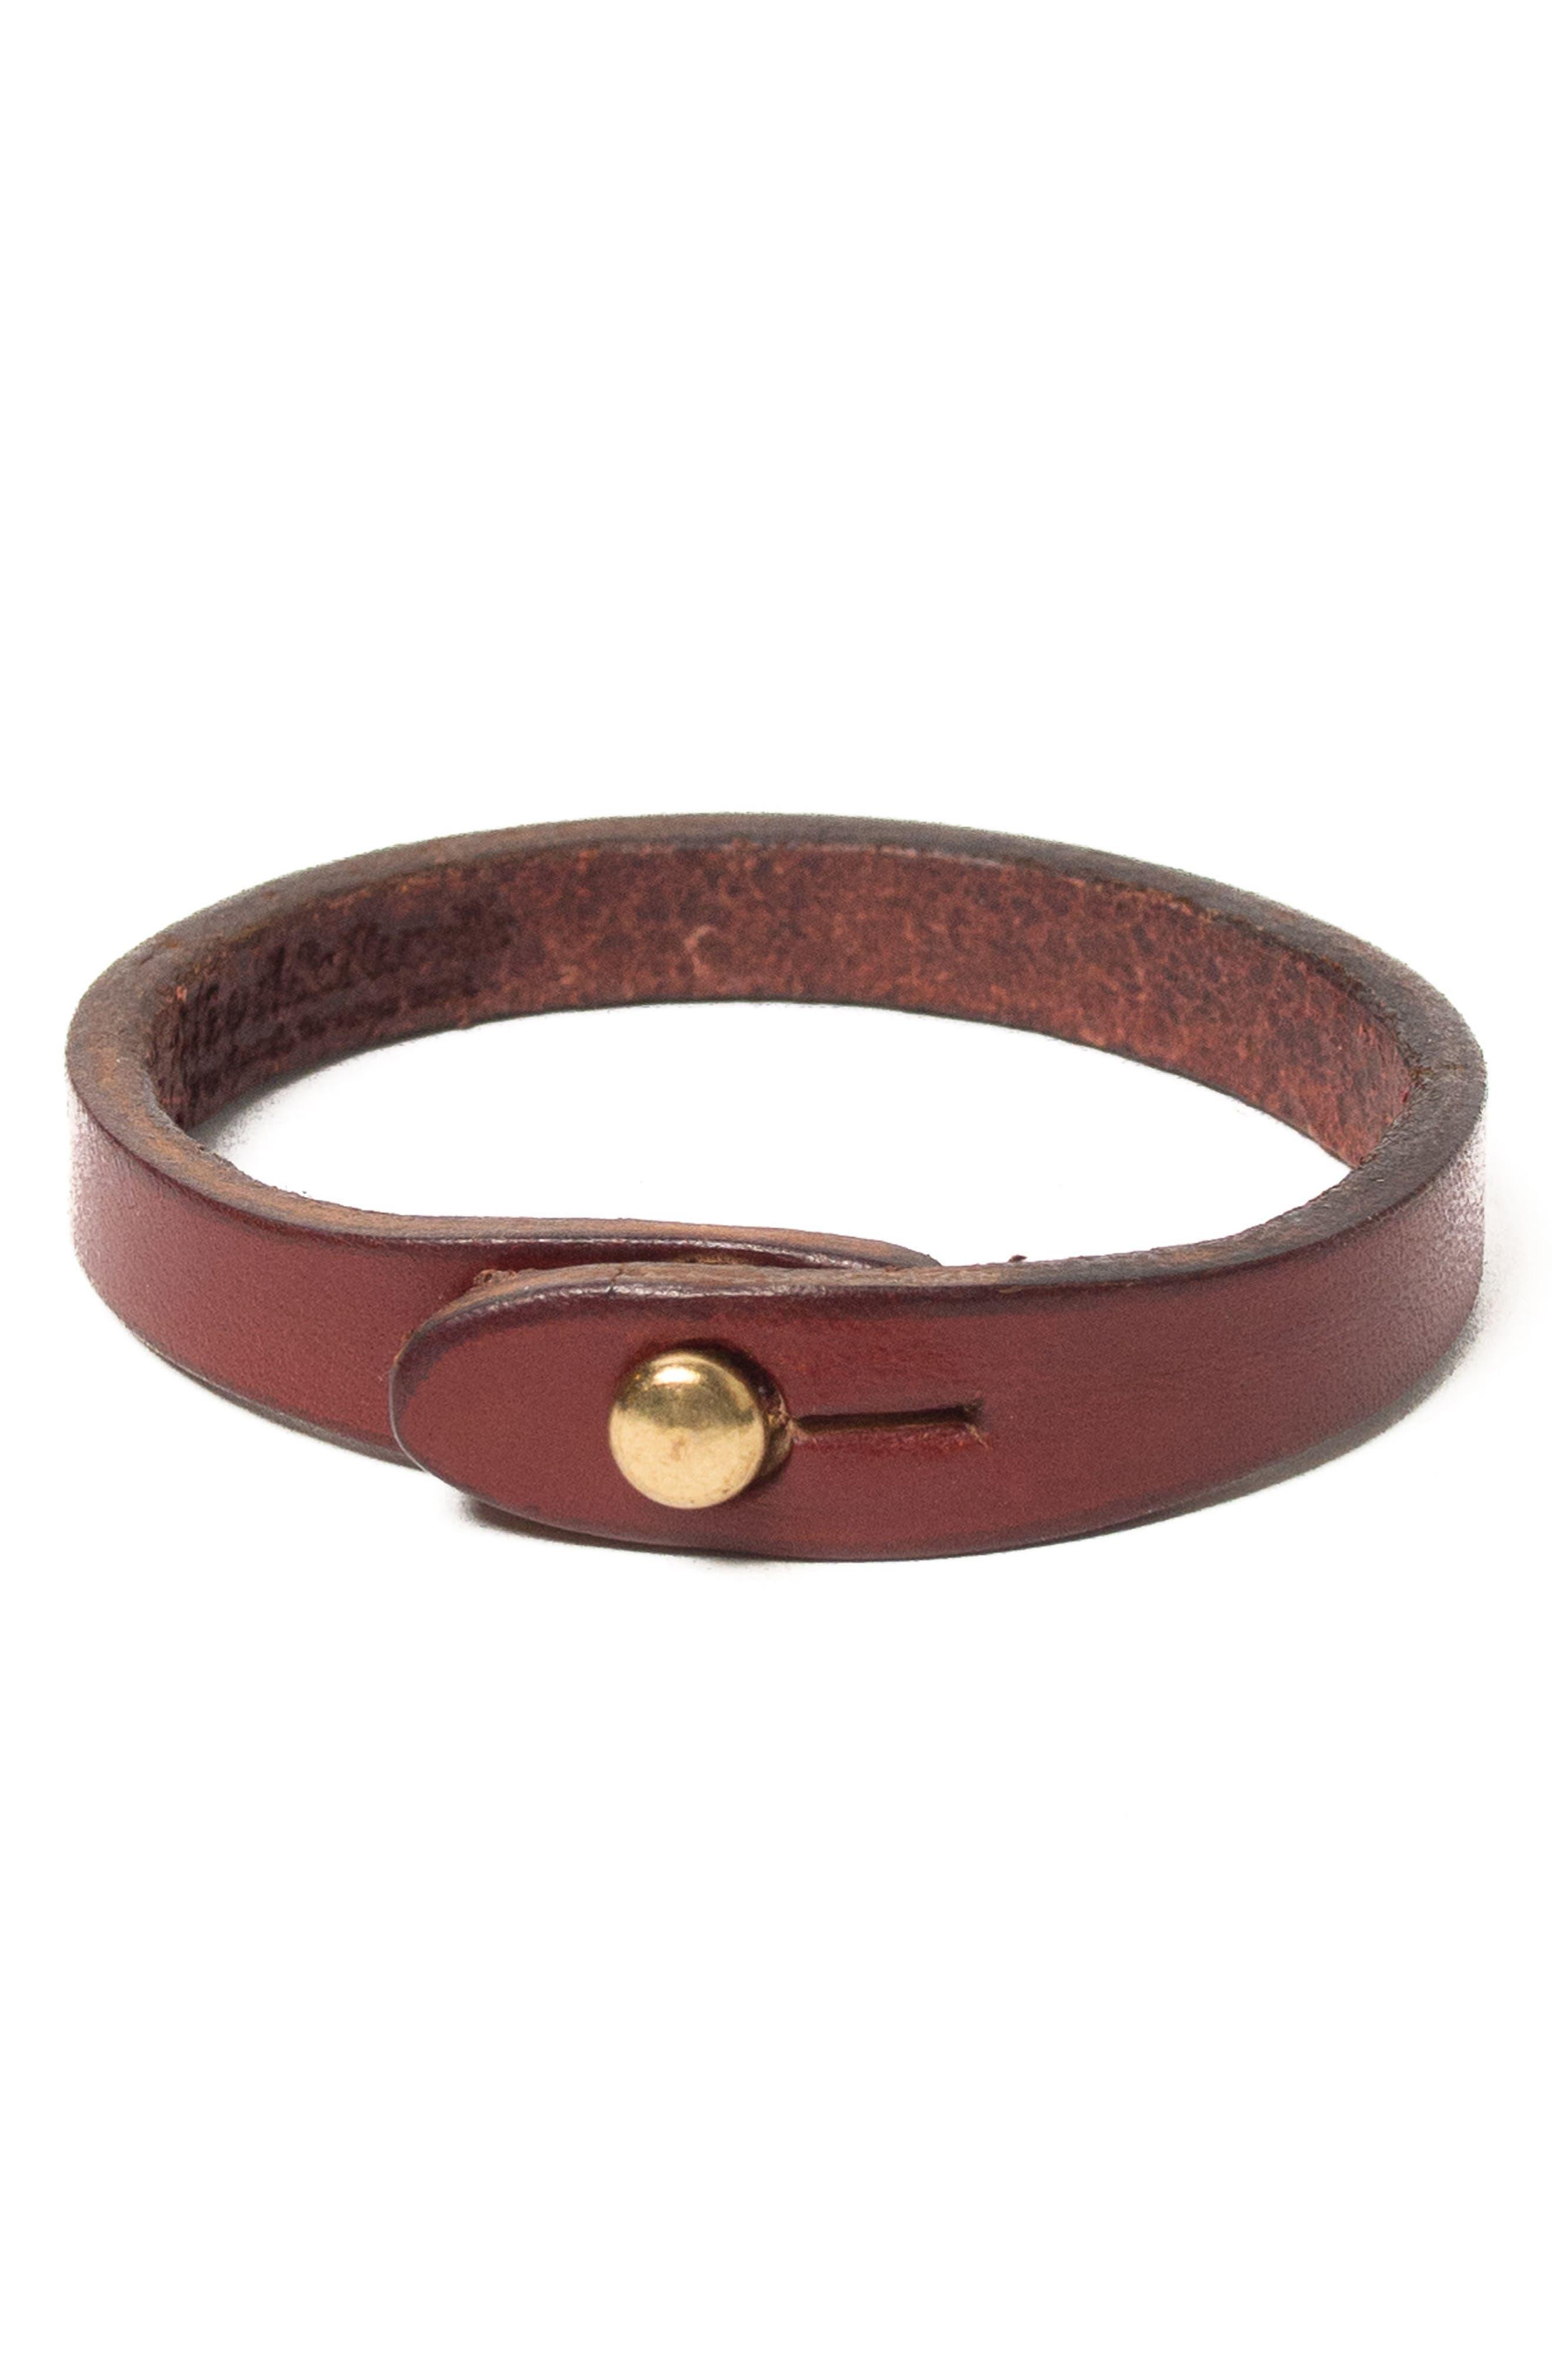 Wristwrap Leather Bracelet,                         Main,                         color, Chestnut